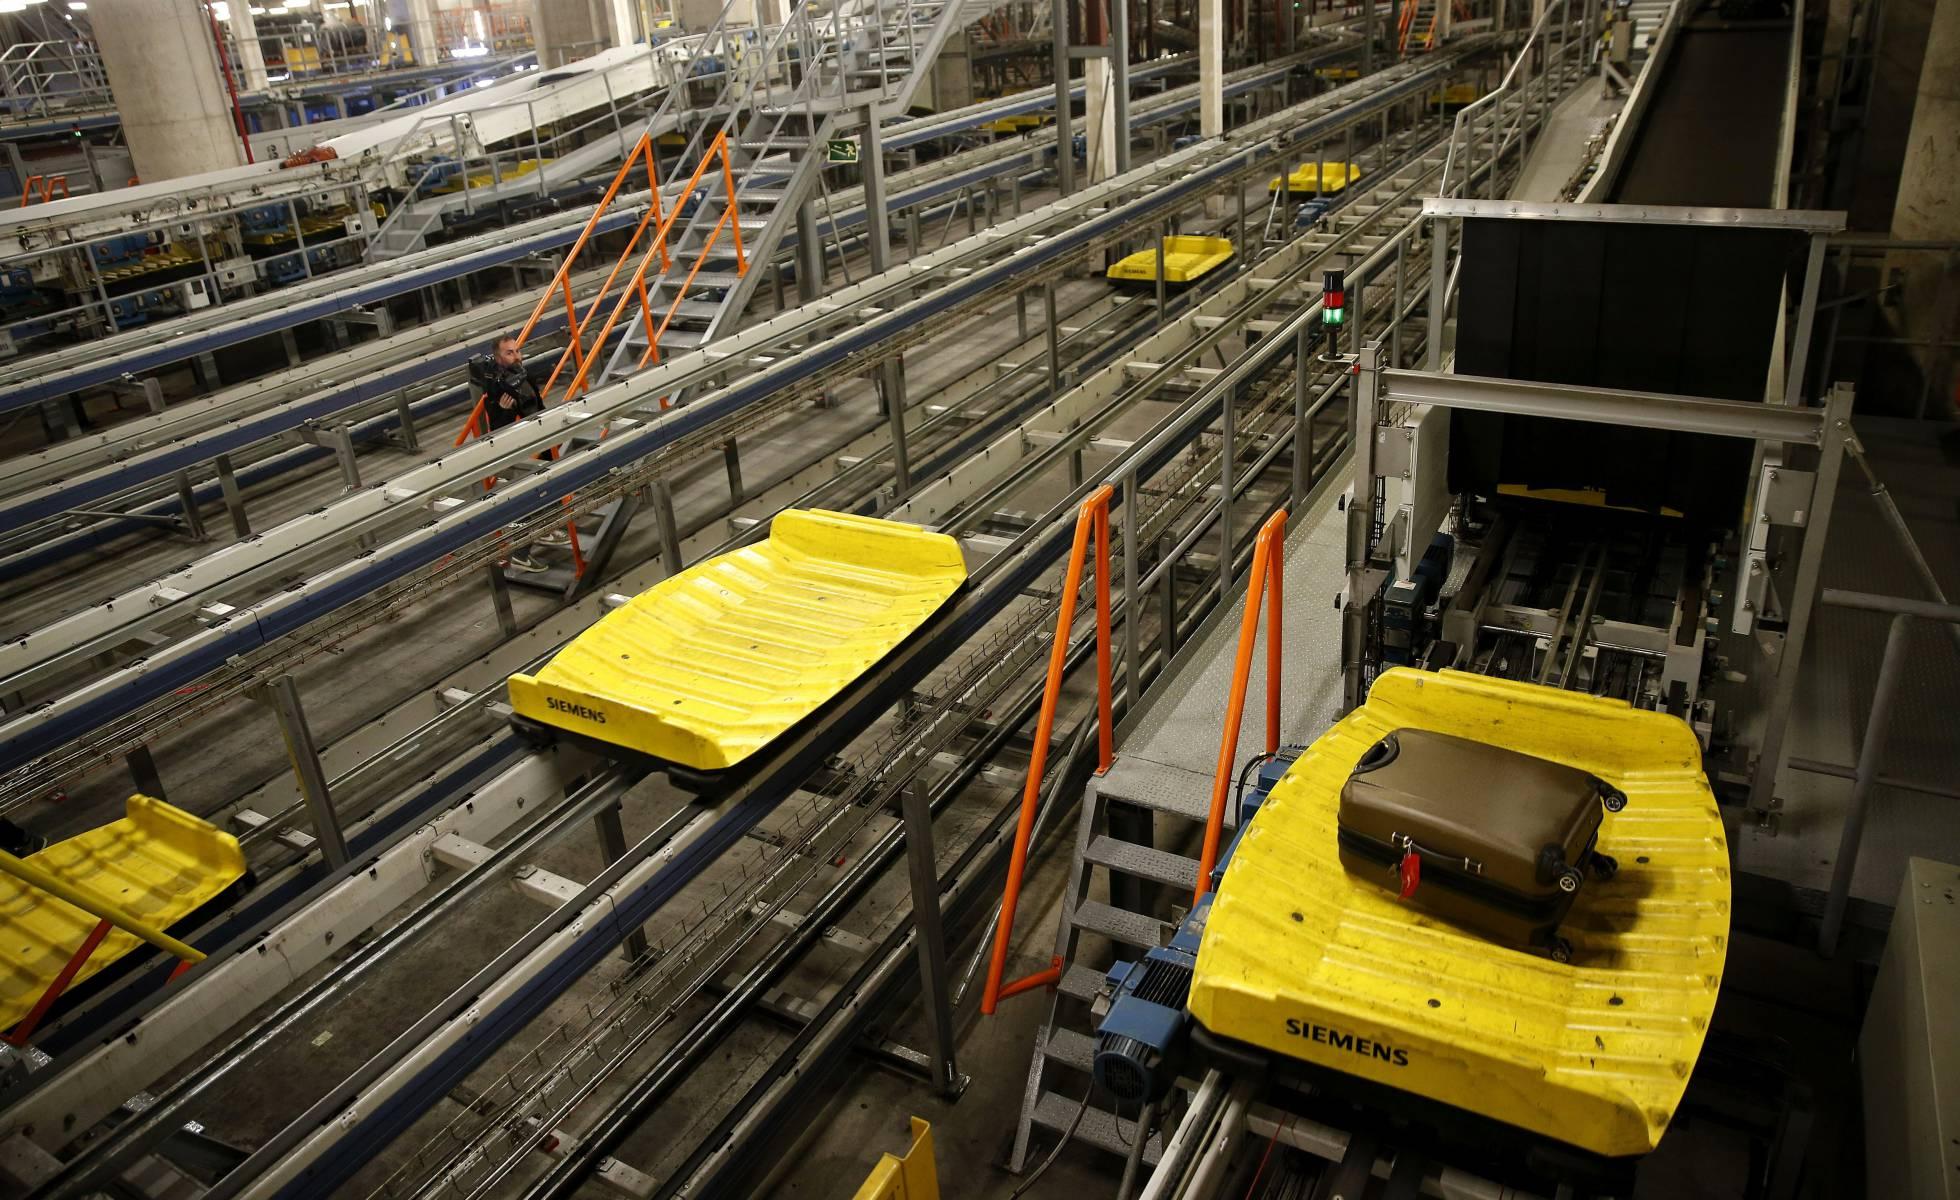 Компания Aena закупит оборудование для обнаружения взрывчатки на €702 миллиона